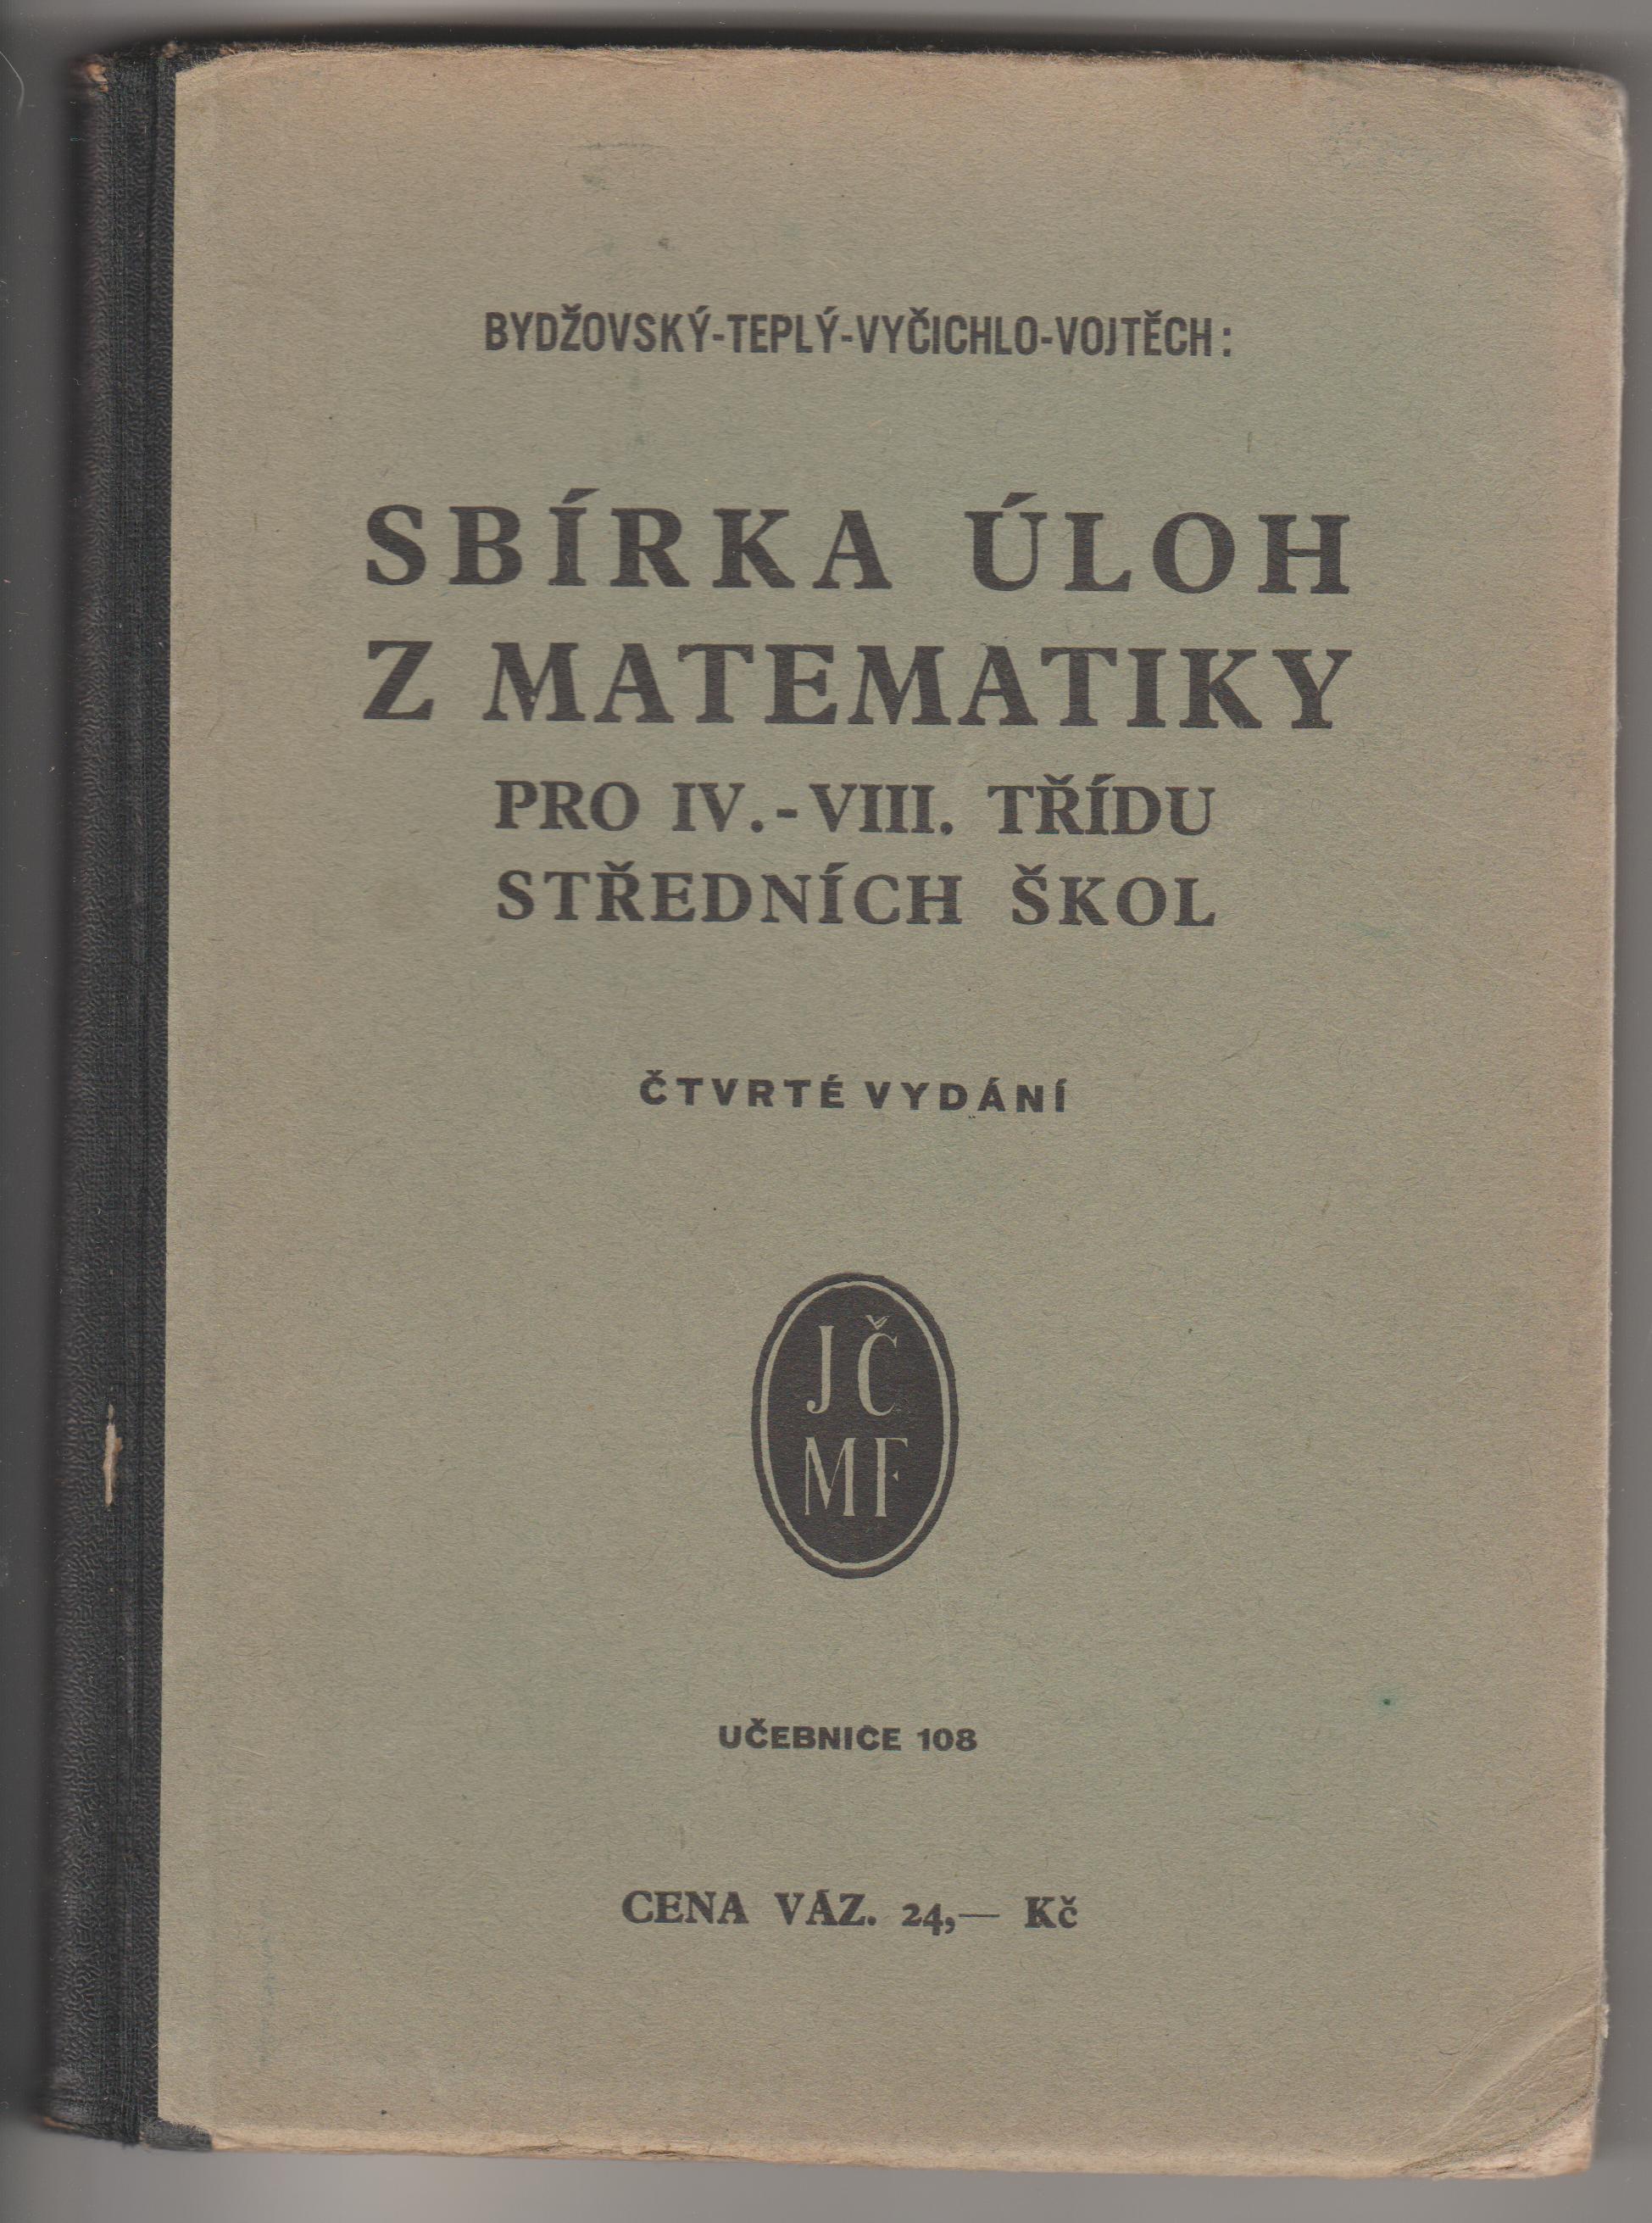 Sbírka úloh z matematiky - Bydžovský - Teplý - Vyčichlo - Vojtěch